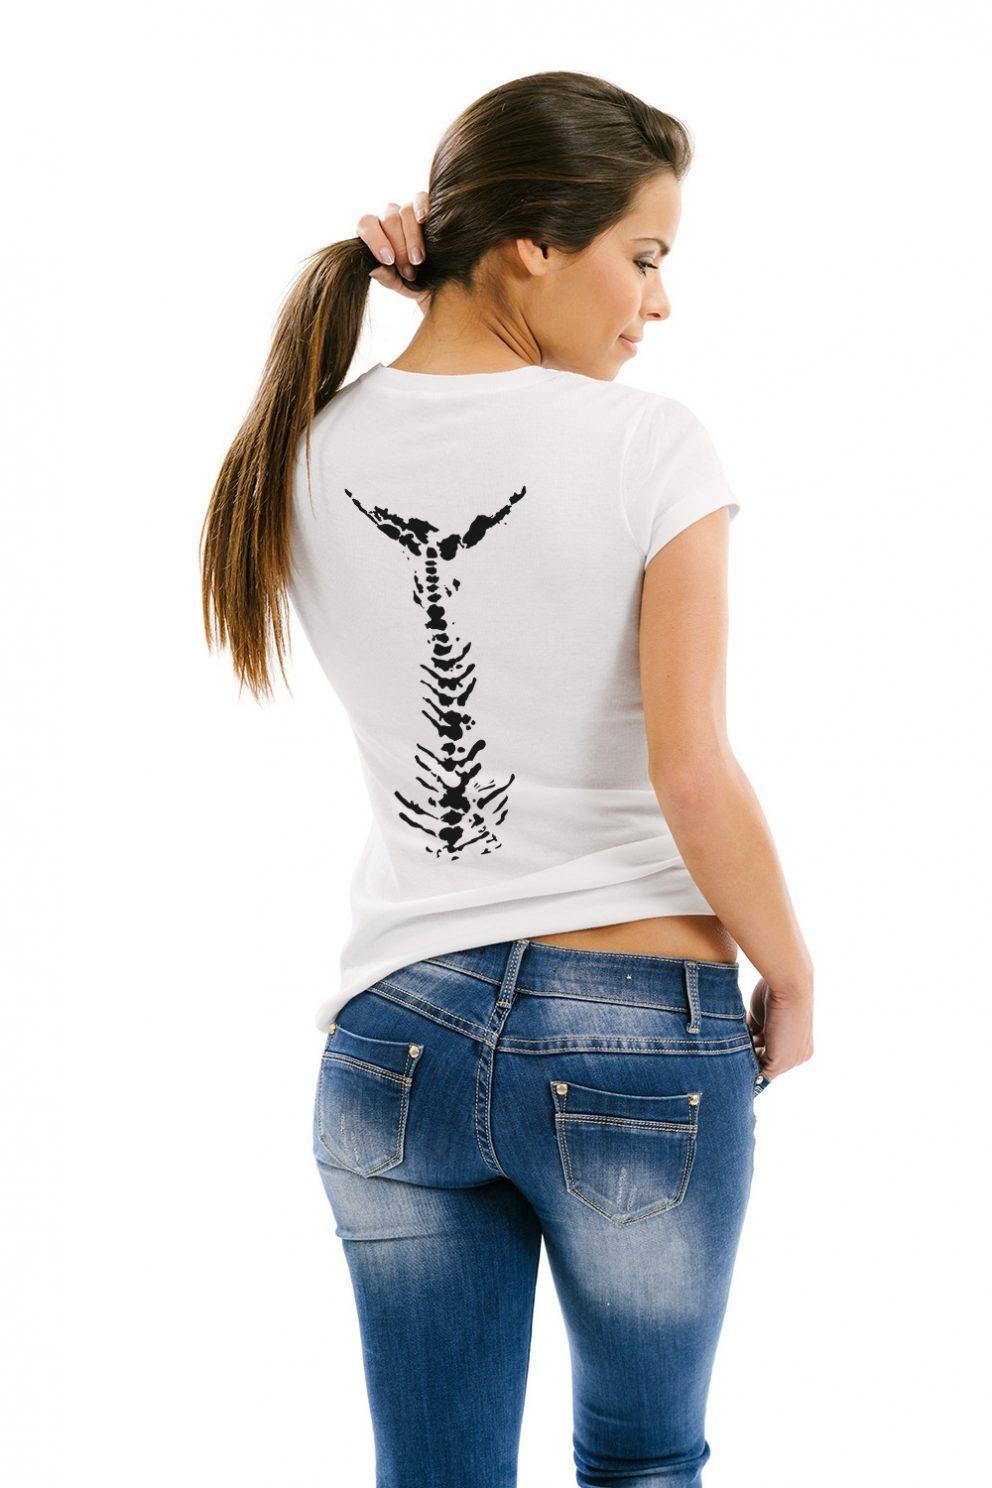 Kyst-shirt Tromso East T-shirt